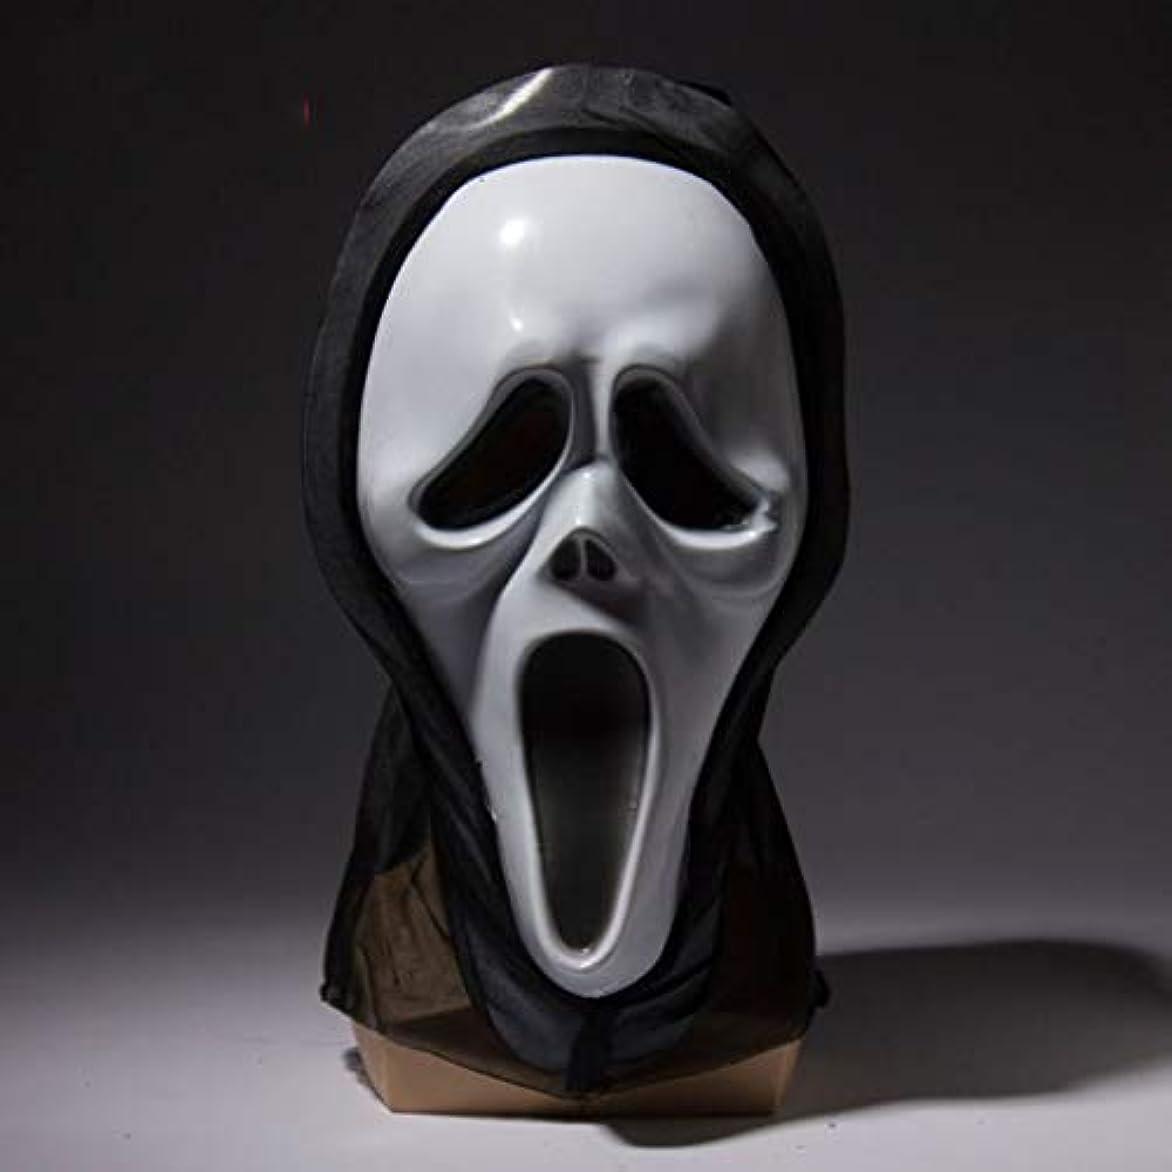 子孫報復するクランプハロウィーン悲鳴悪魔ホラーマスクしかめっ面怖いゾンビヘッドギア大人ゴーストフェスティバルボールマスク